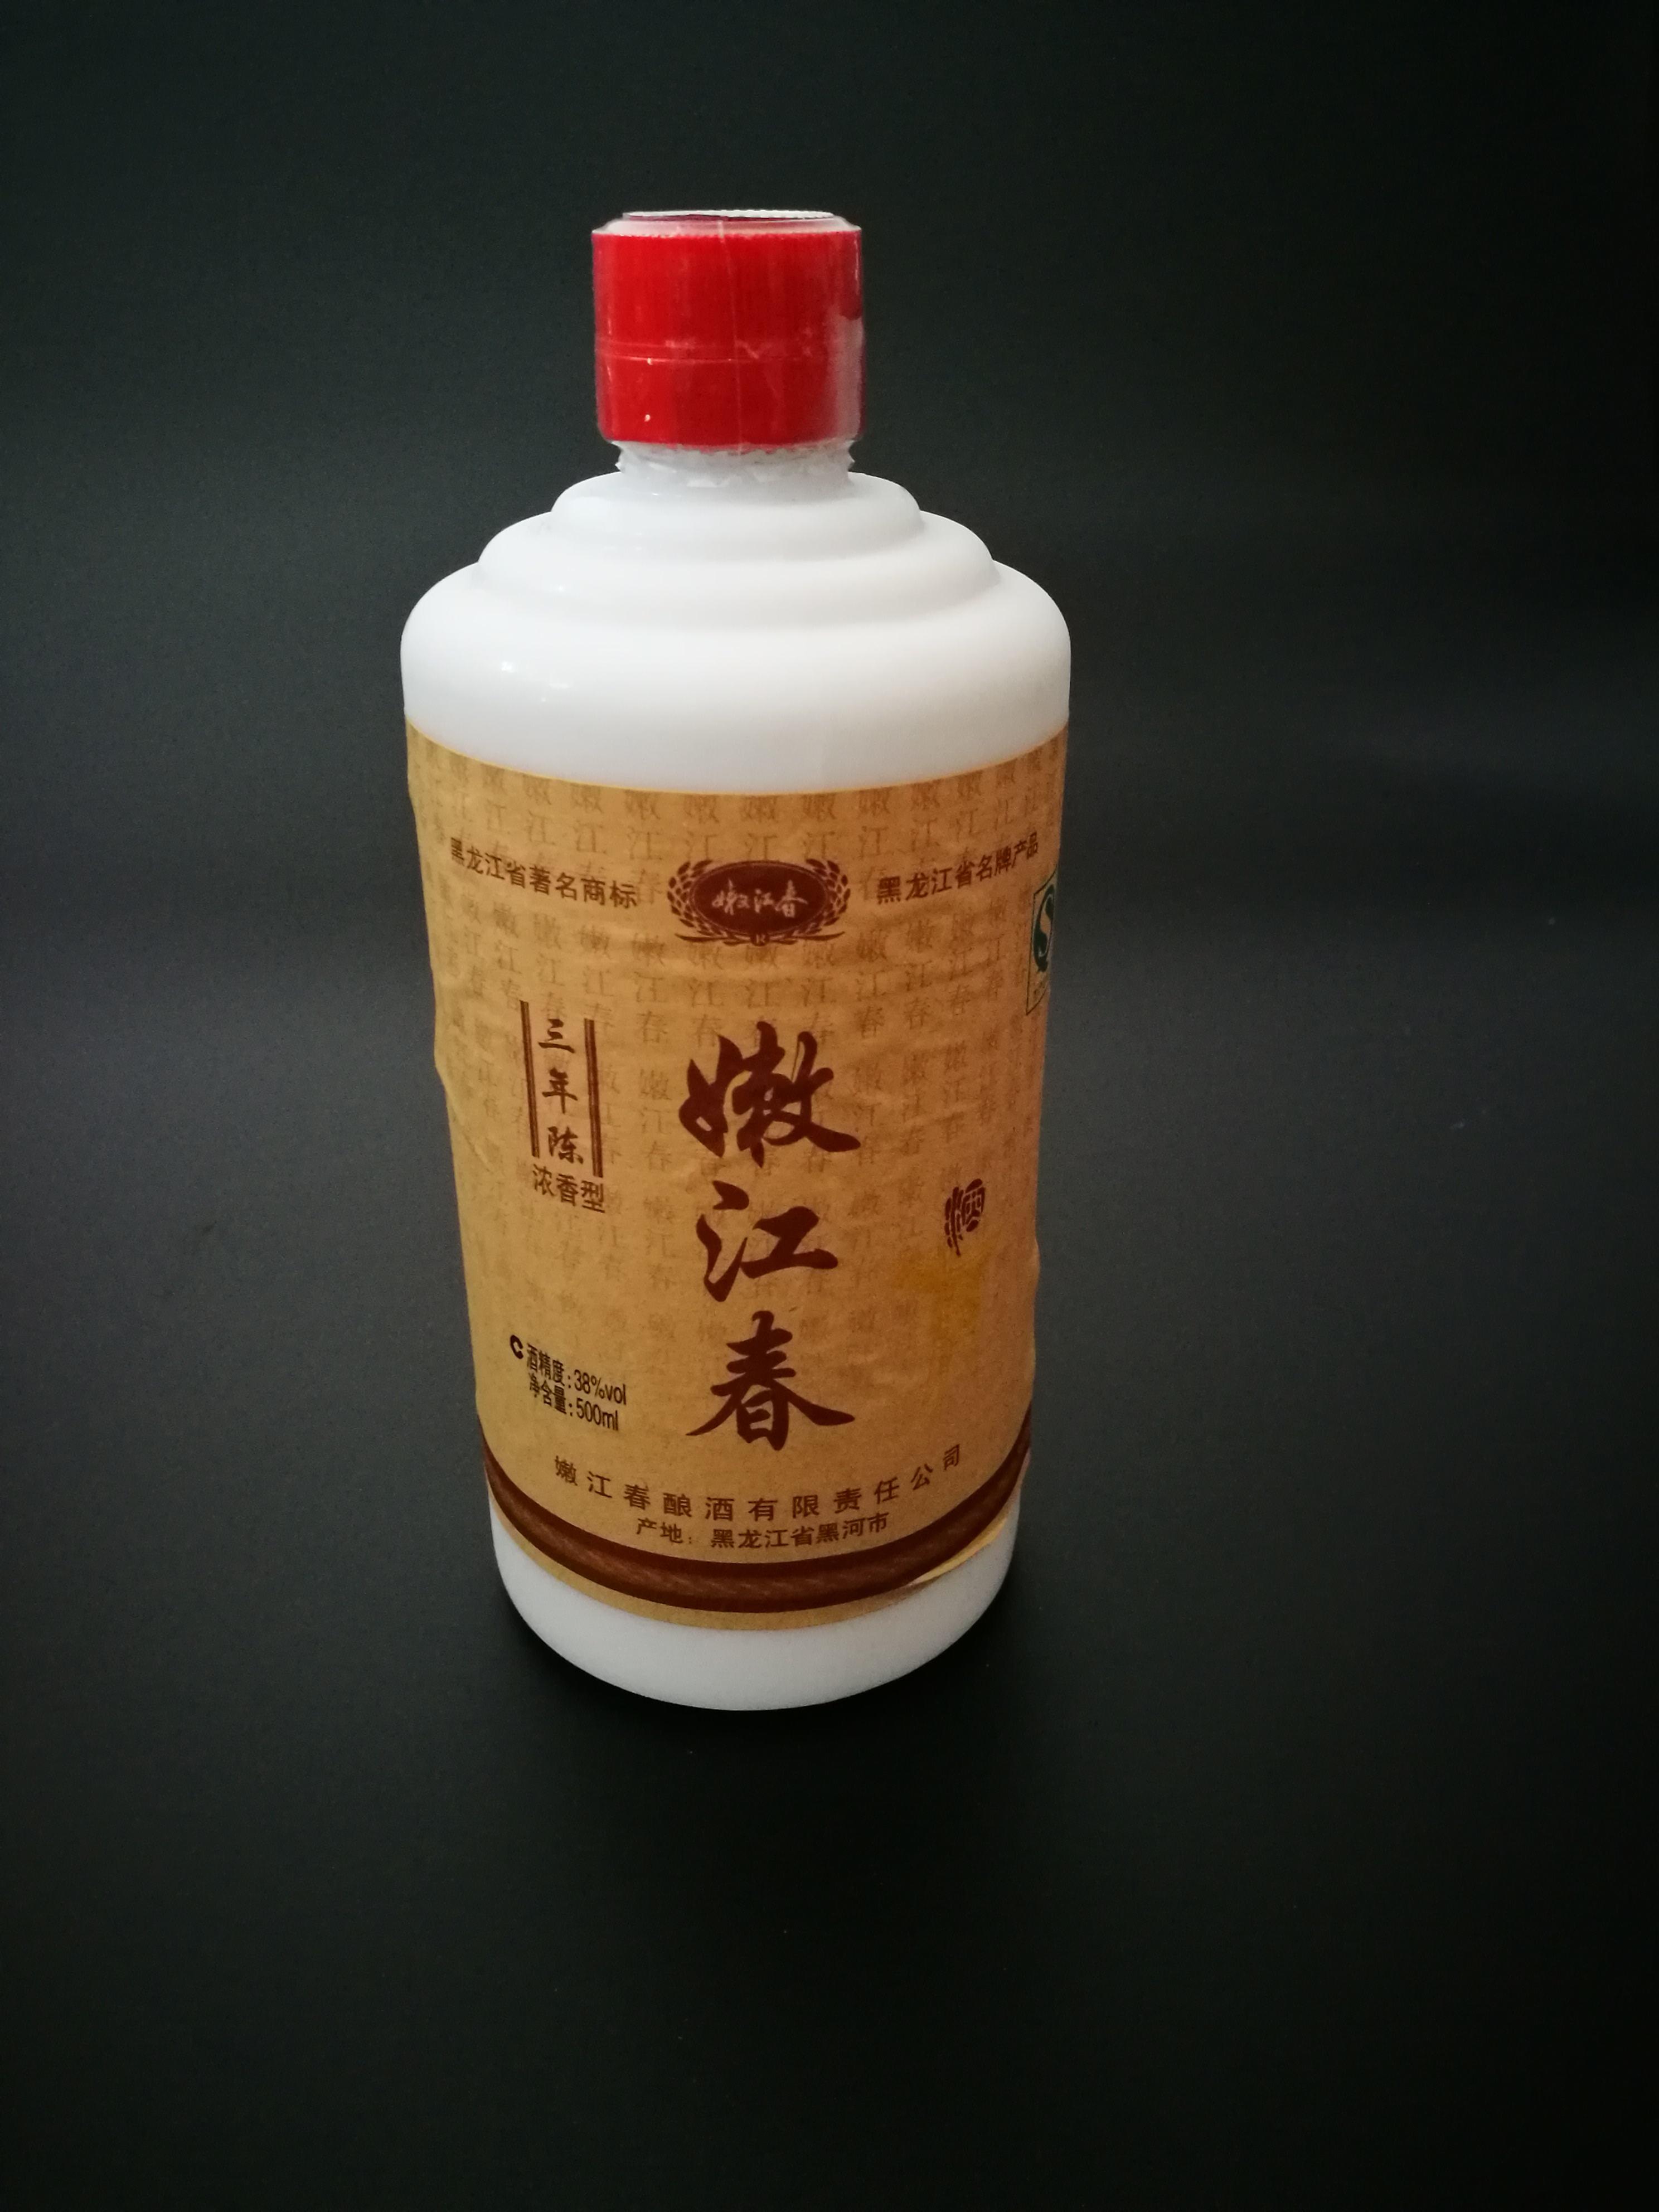 嫩江春·三年陈 【38度 500ml】【价格 图片】